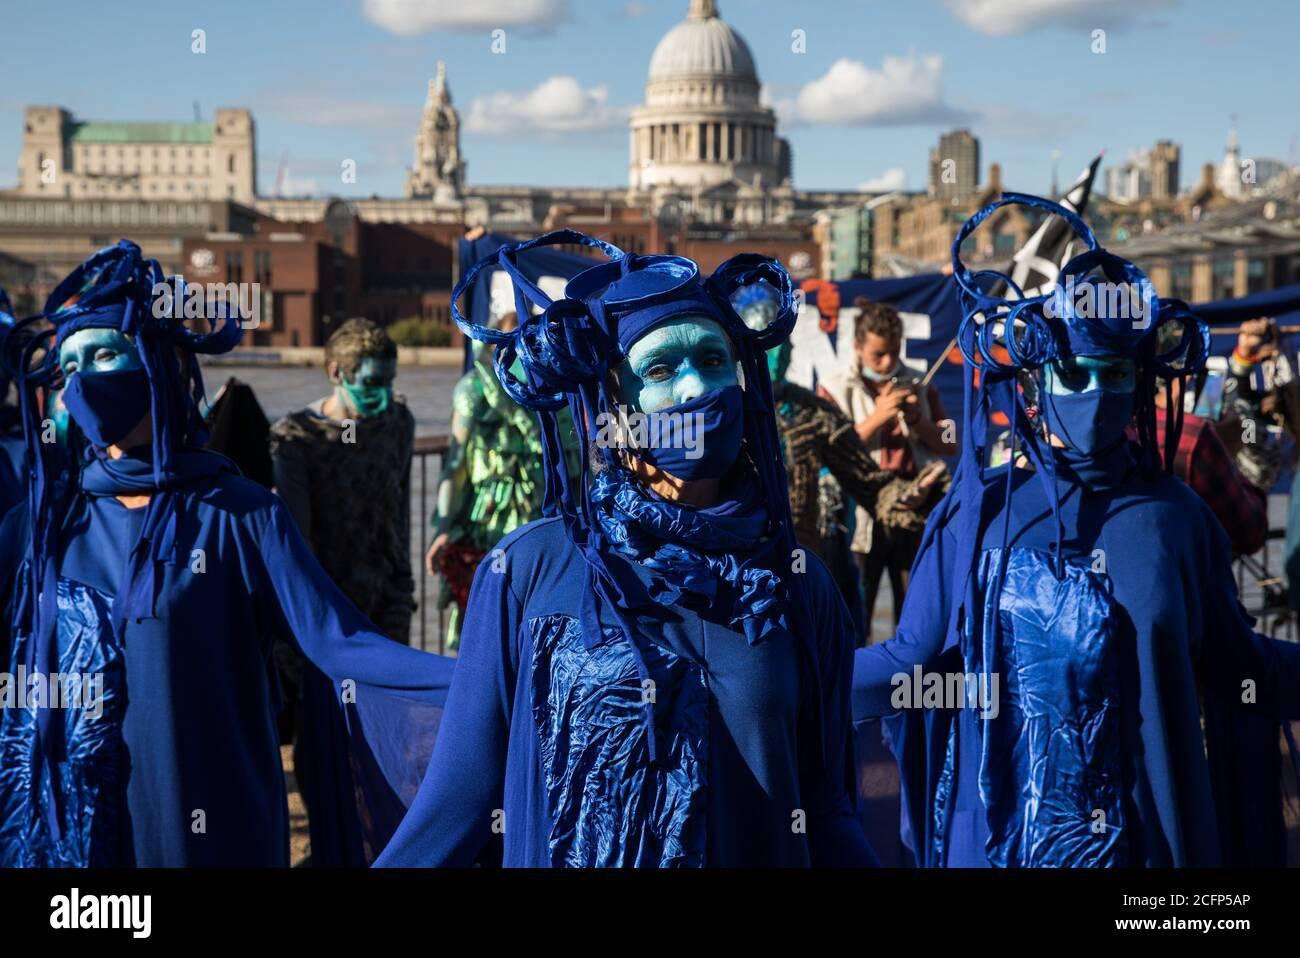 Londres, Reino Unido. 6 de septiembre de 2020. Los rebeldes azules se unen a otros activistas climáticos de la Rebelión Oceánica y la Rebelión de extinción en la Ribera del Sur durante una colorida marcha de extinción Marina. Los activistas, que asisten a una serie de protestas de la Rebelión de septiembre en todo el Reino Unido, están exigiendo protecciones ambientales para los océanos y pidiendo el fin de la inacción gubernamental global para salvar los mares. Crédito: Mark Kerrison/Alamy Live News Foto de stock